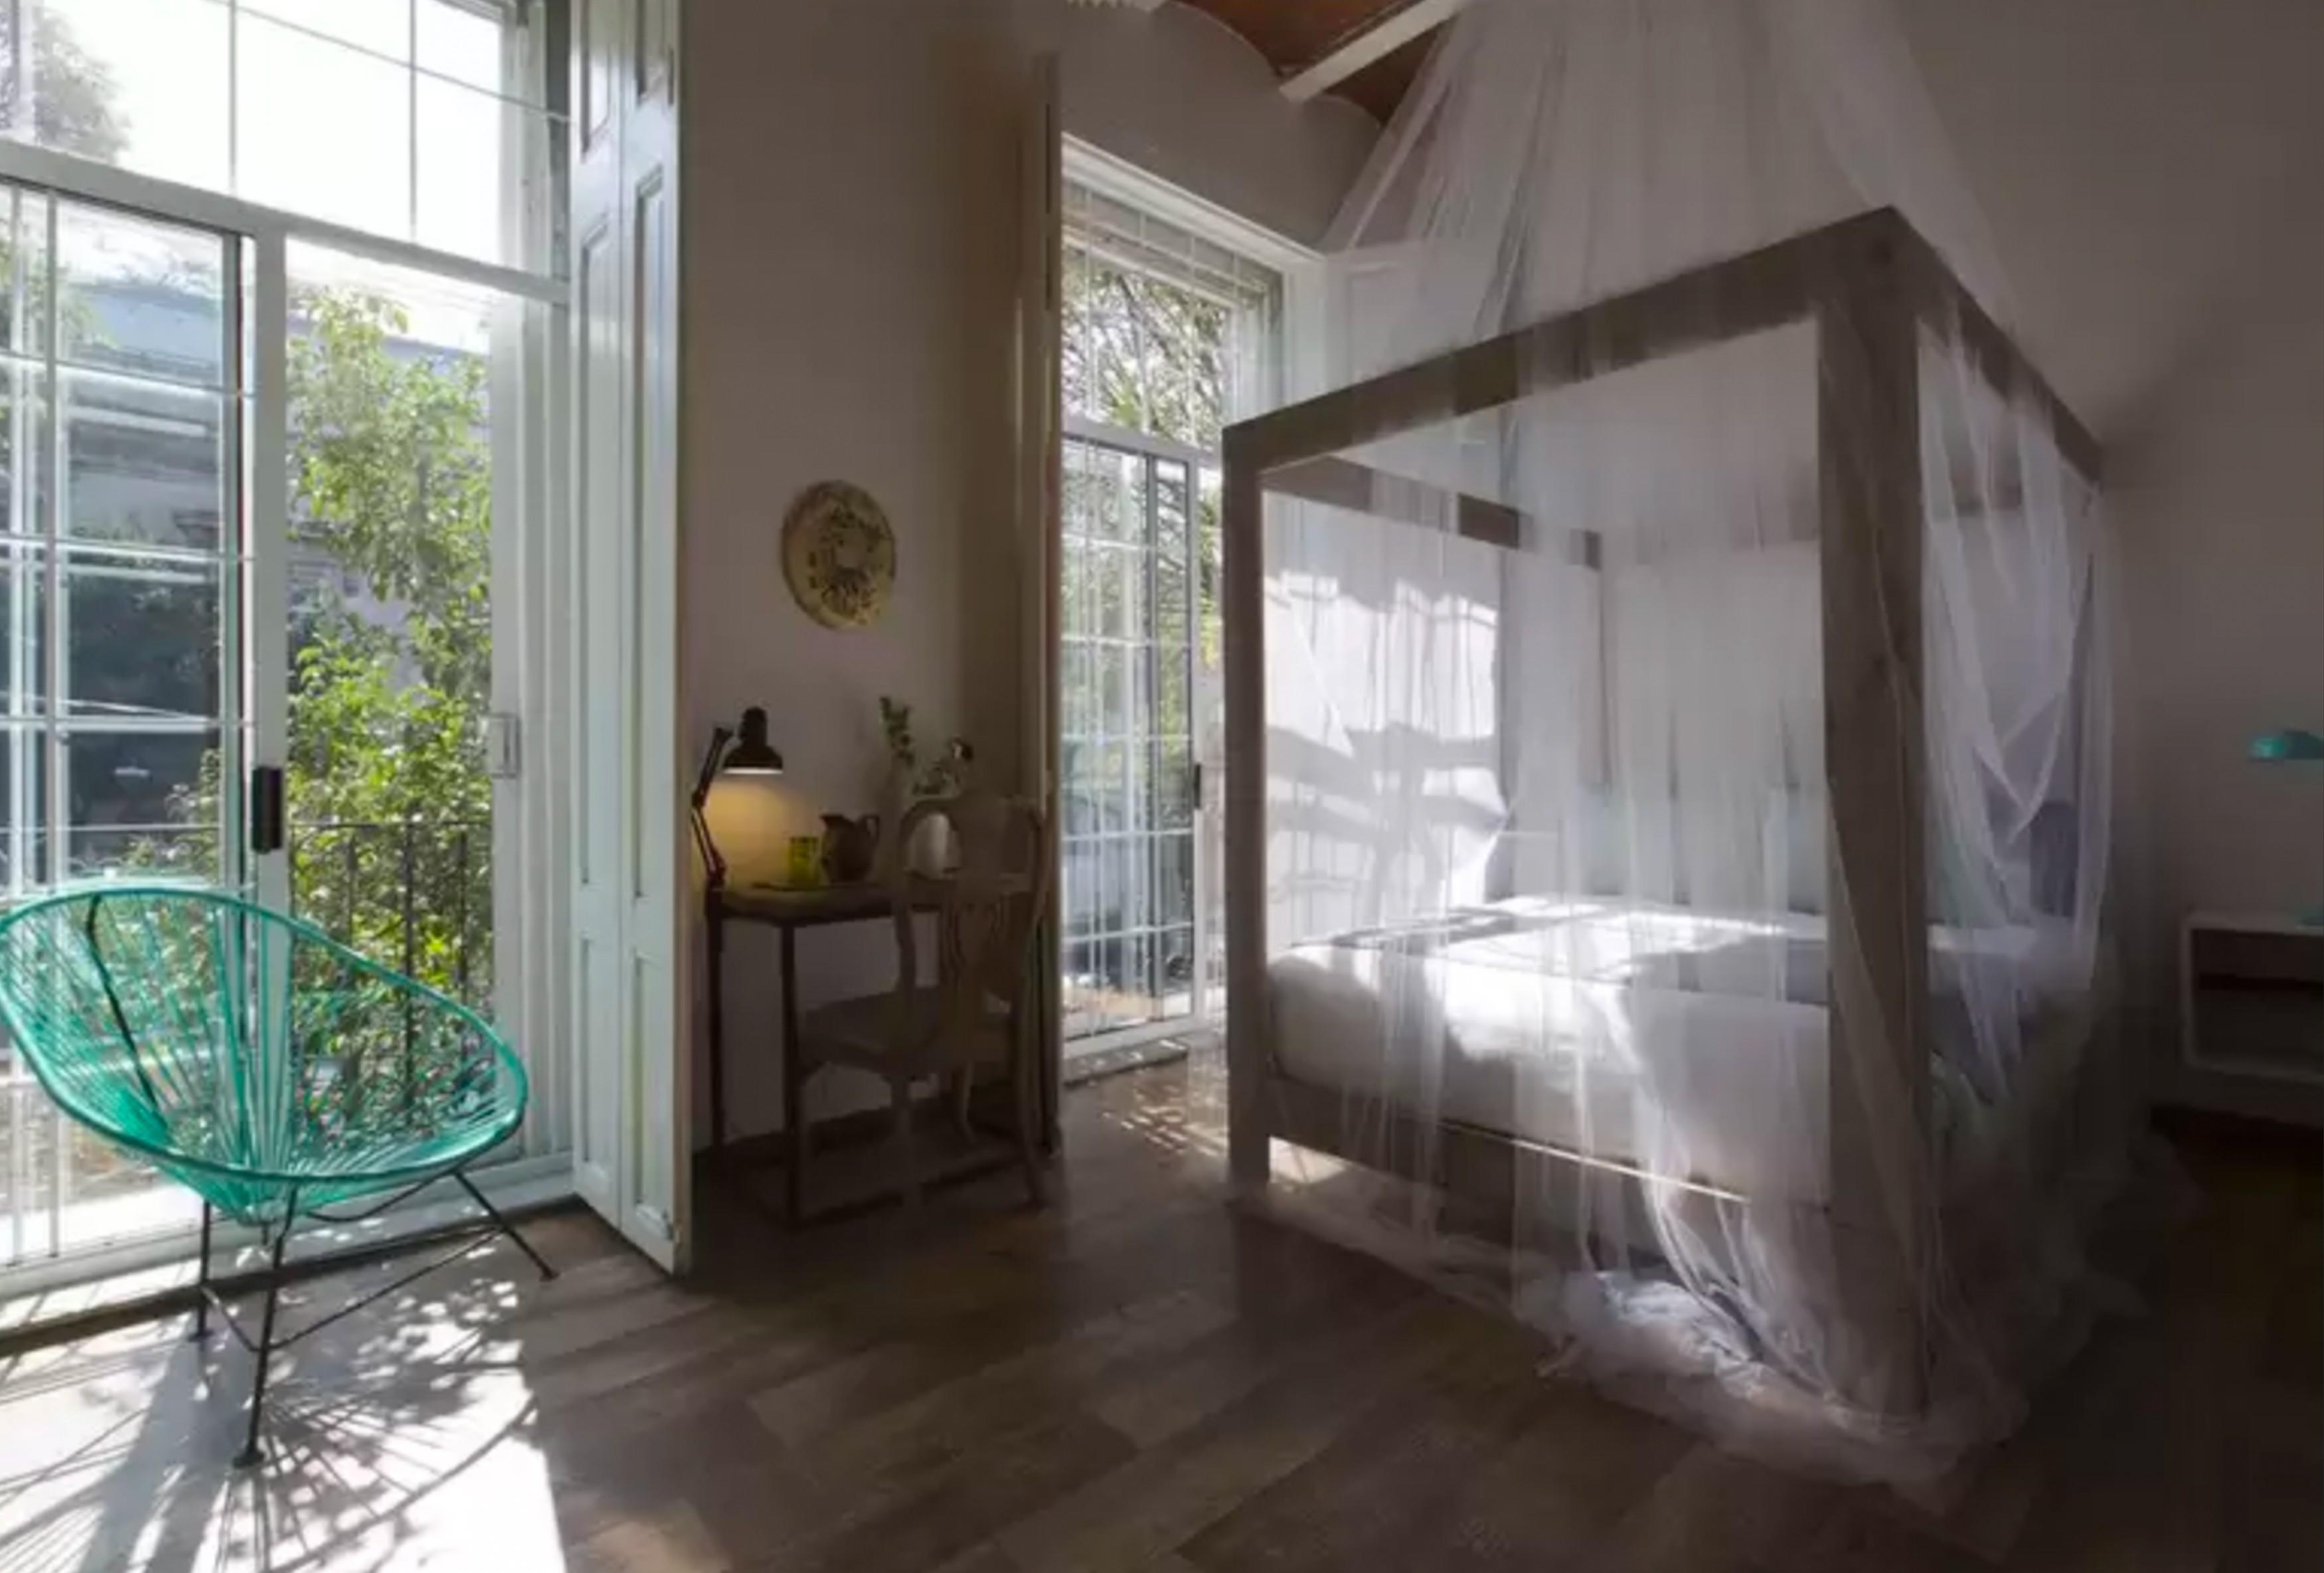 Courtesy of El Patio 77 / Hotels.com